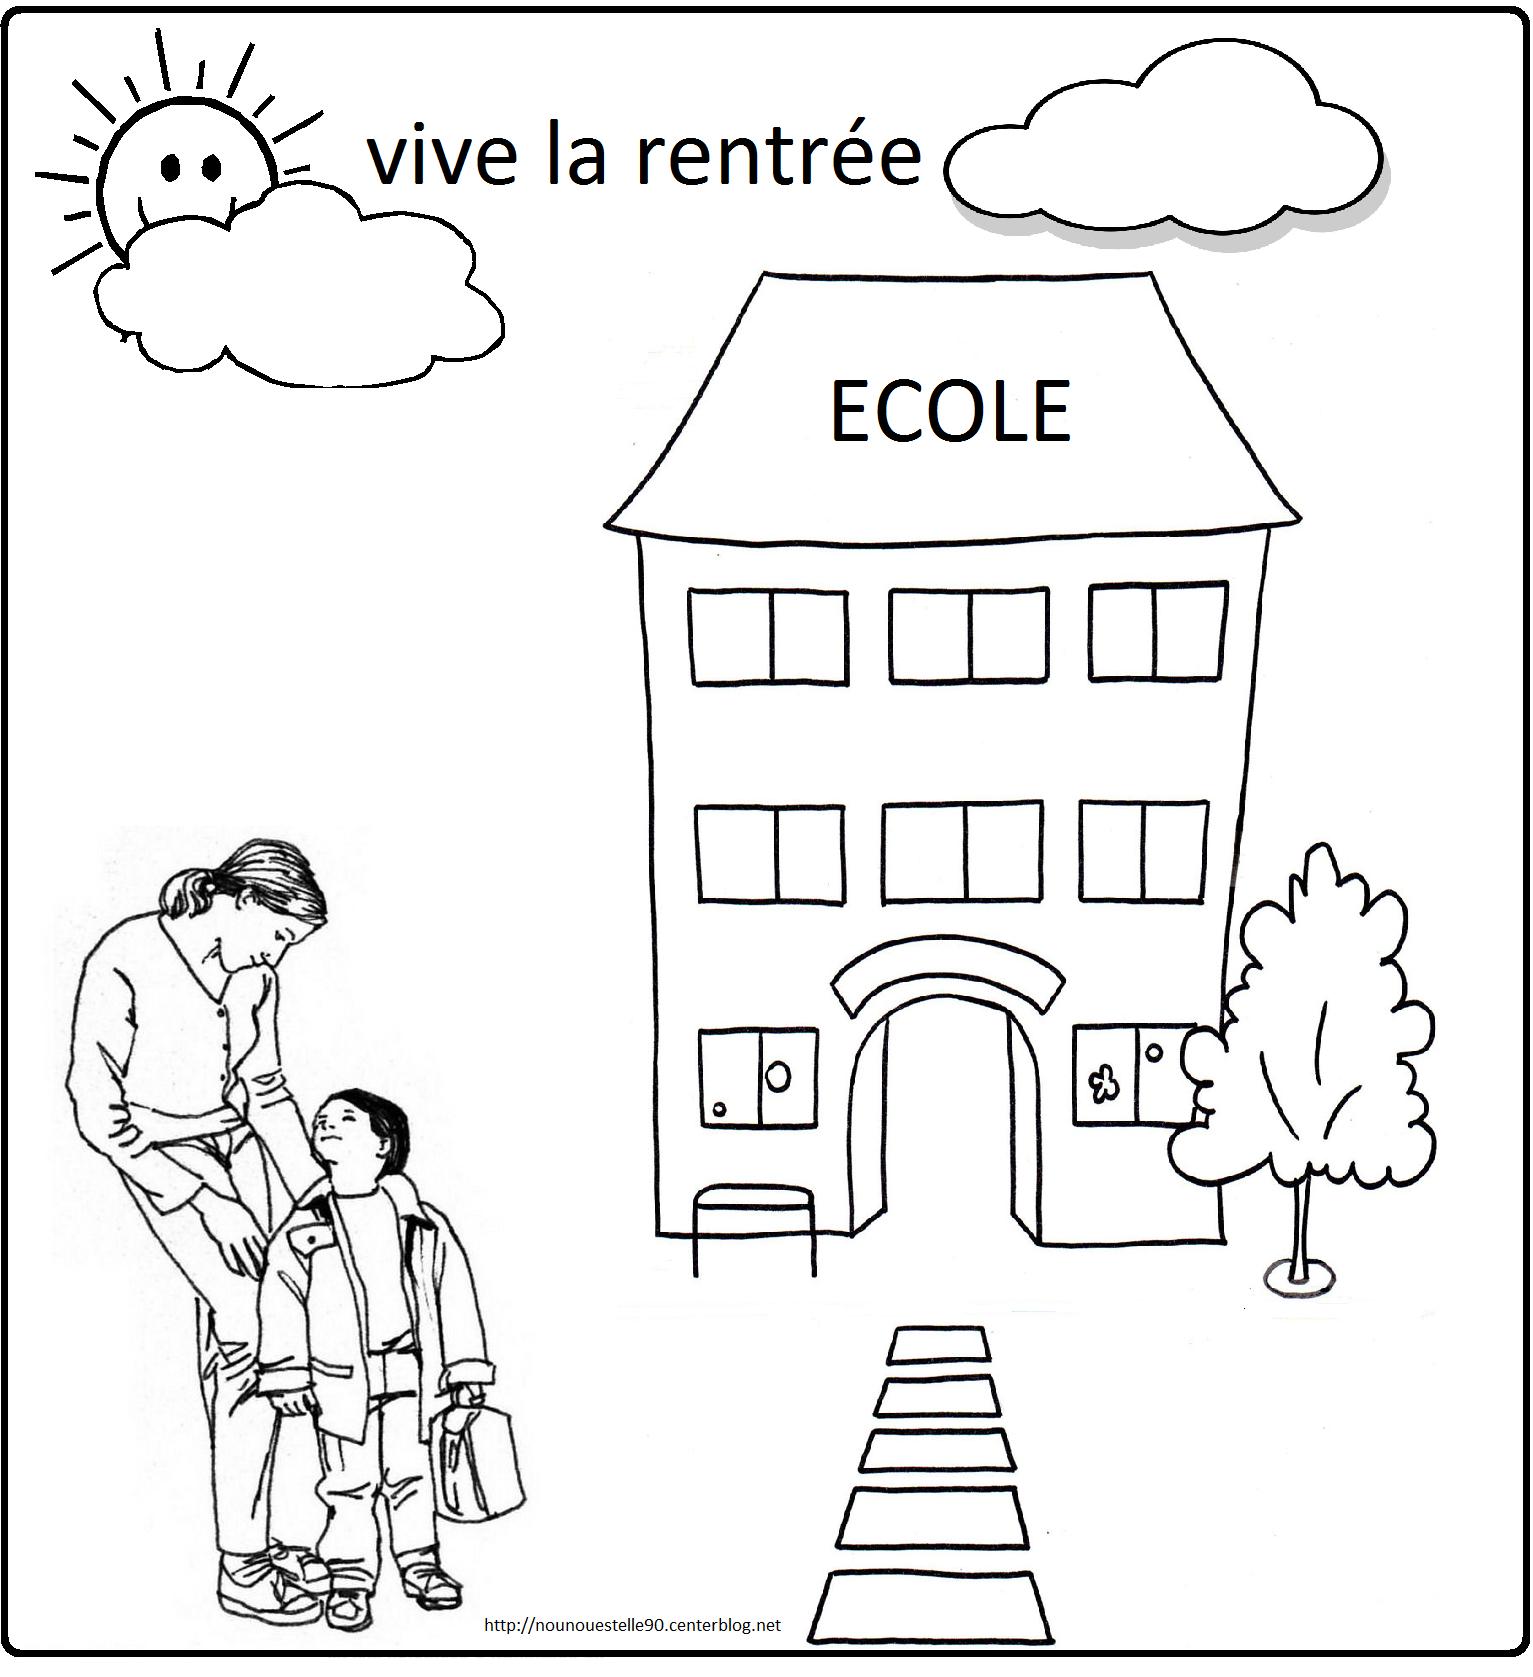 Coloriages Pour La Rentree Des Classes pour Coloriage Rentree